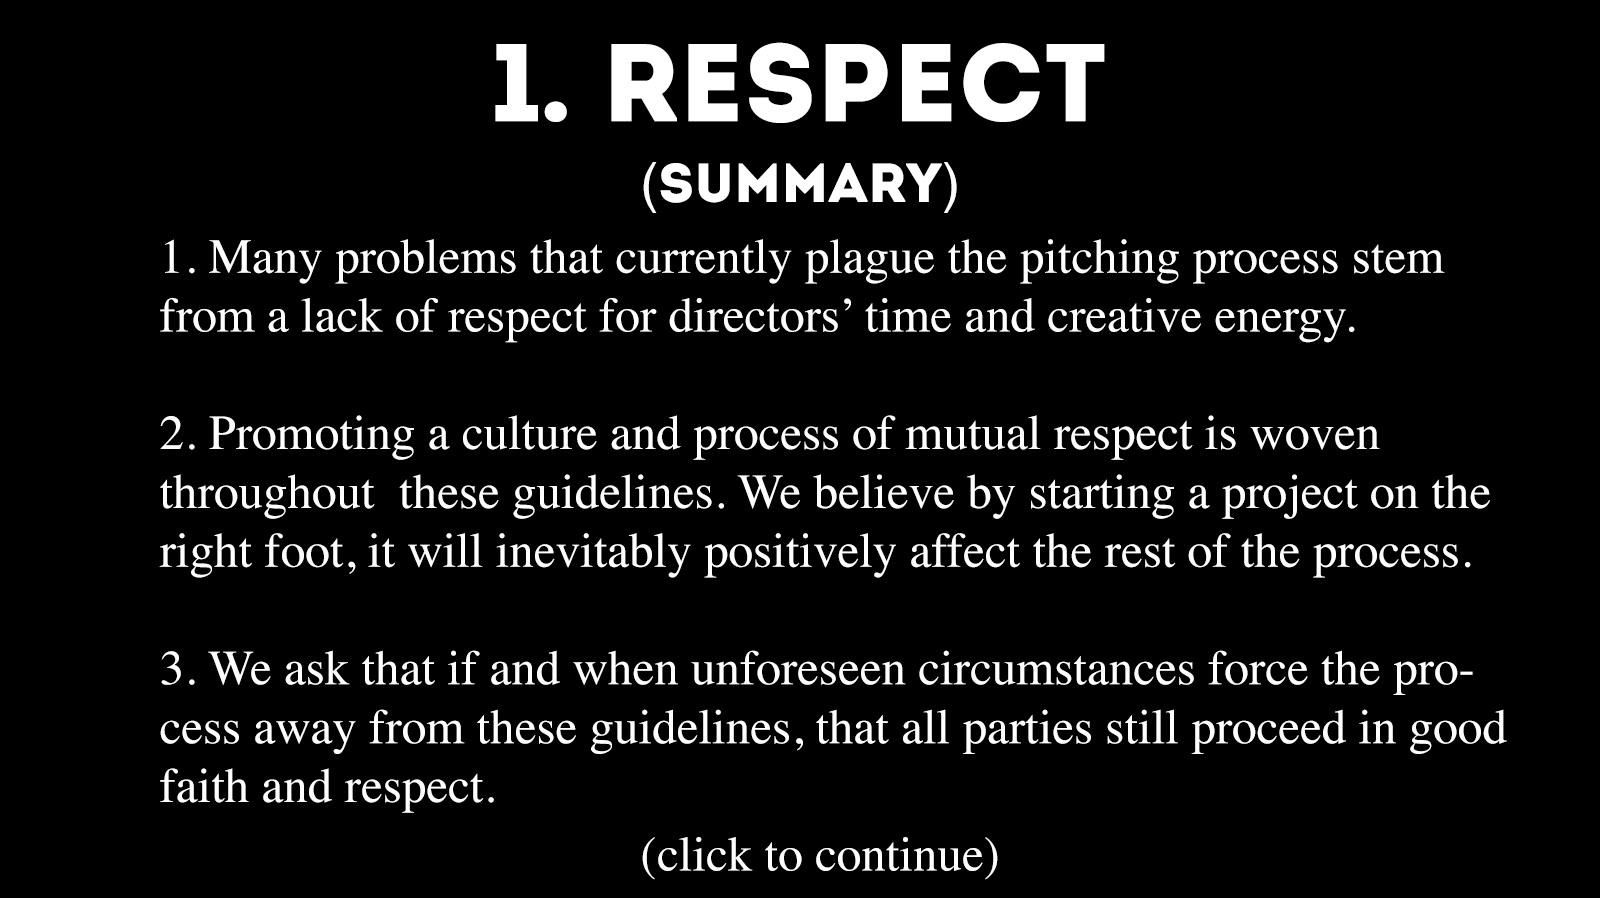 threegoals- 1 respect.jpg